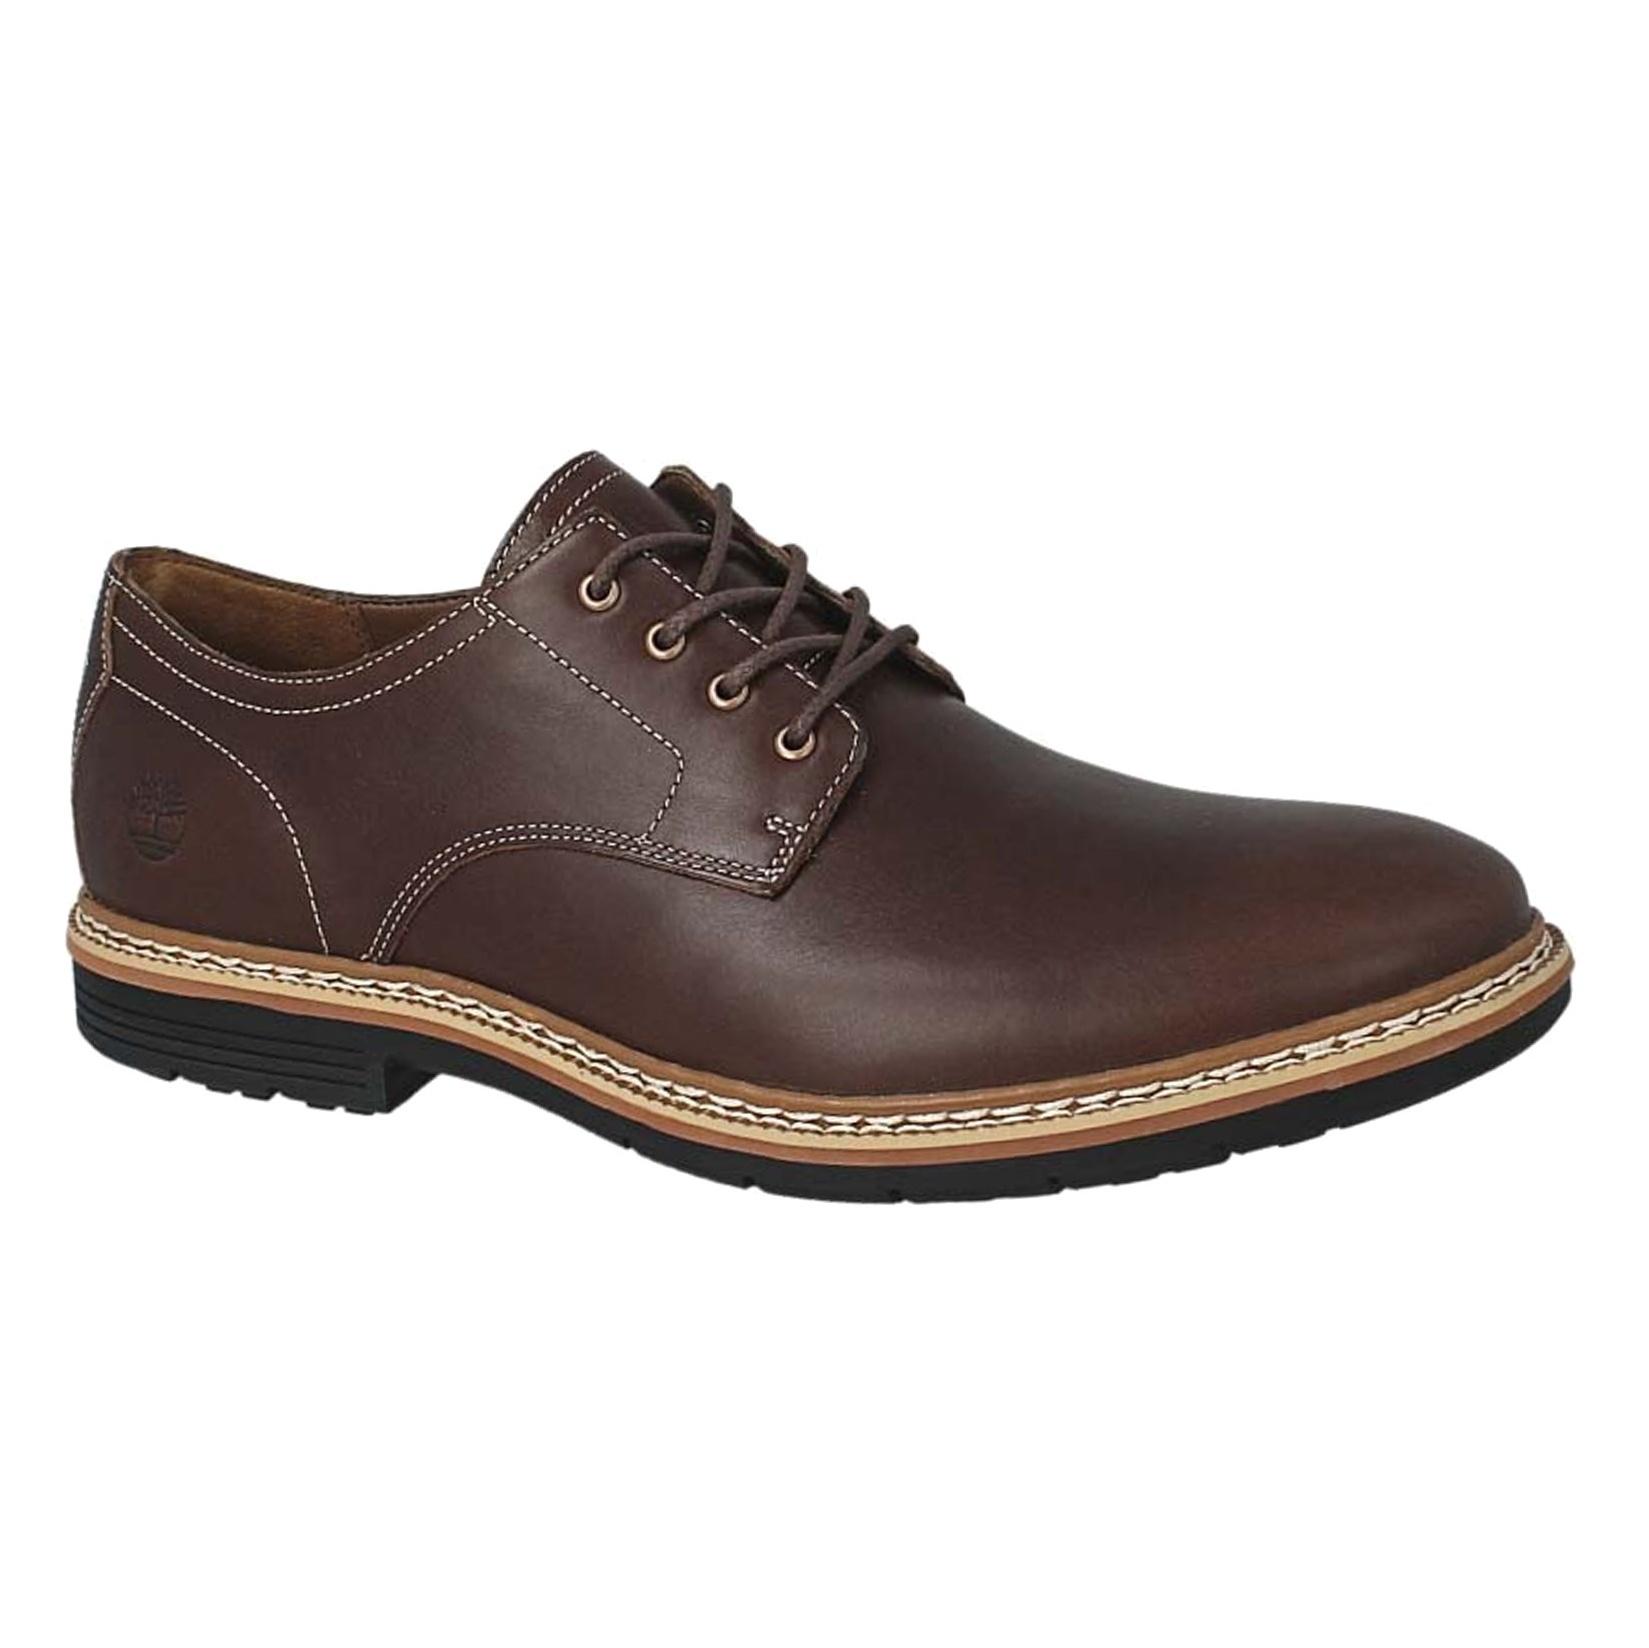 کفش اداری چرم مردانه - تیمبرلند - قهوه اي - 1